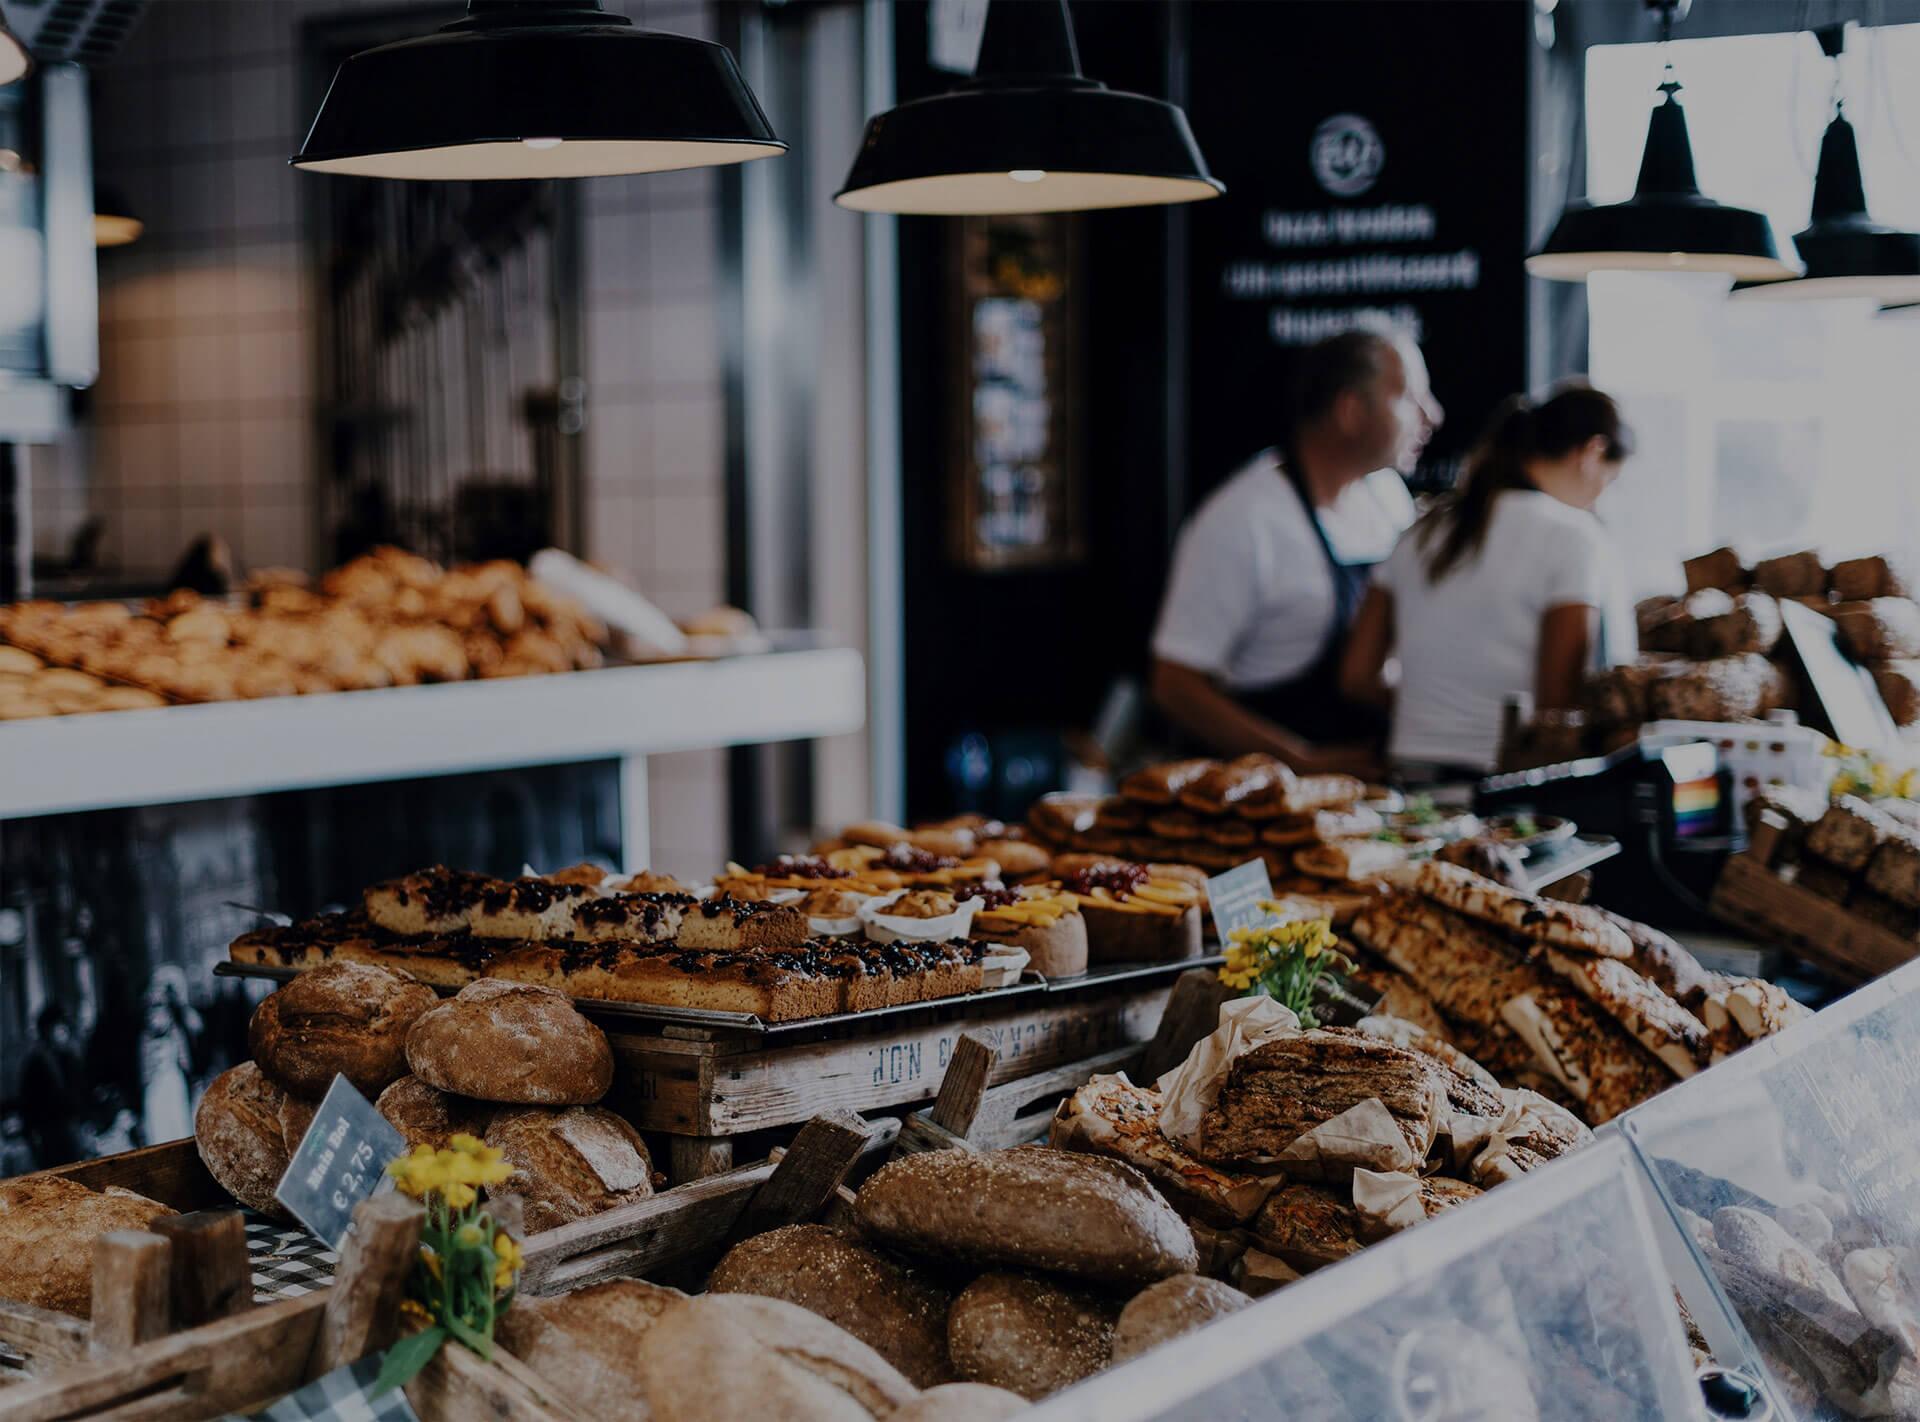 Affaire boulangerie pâtisserie